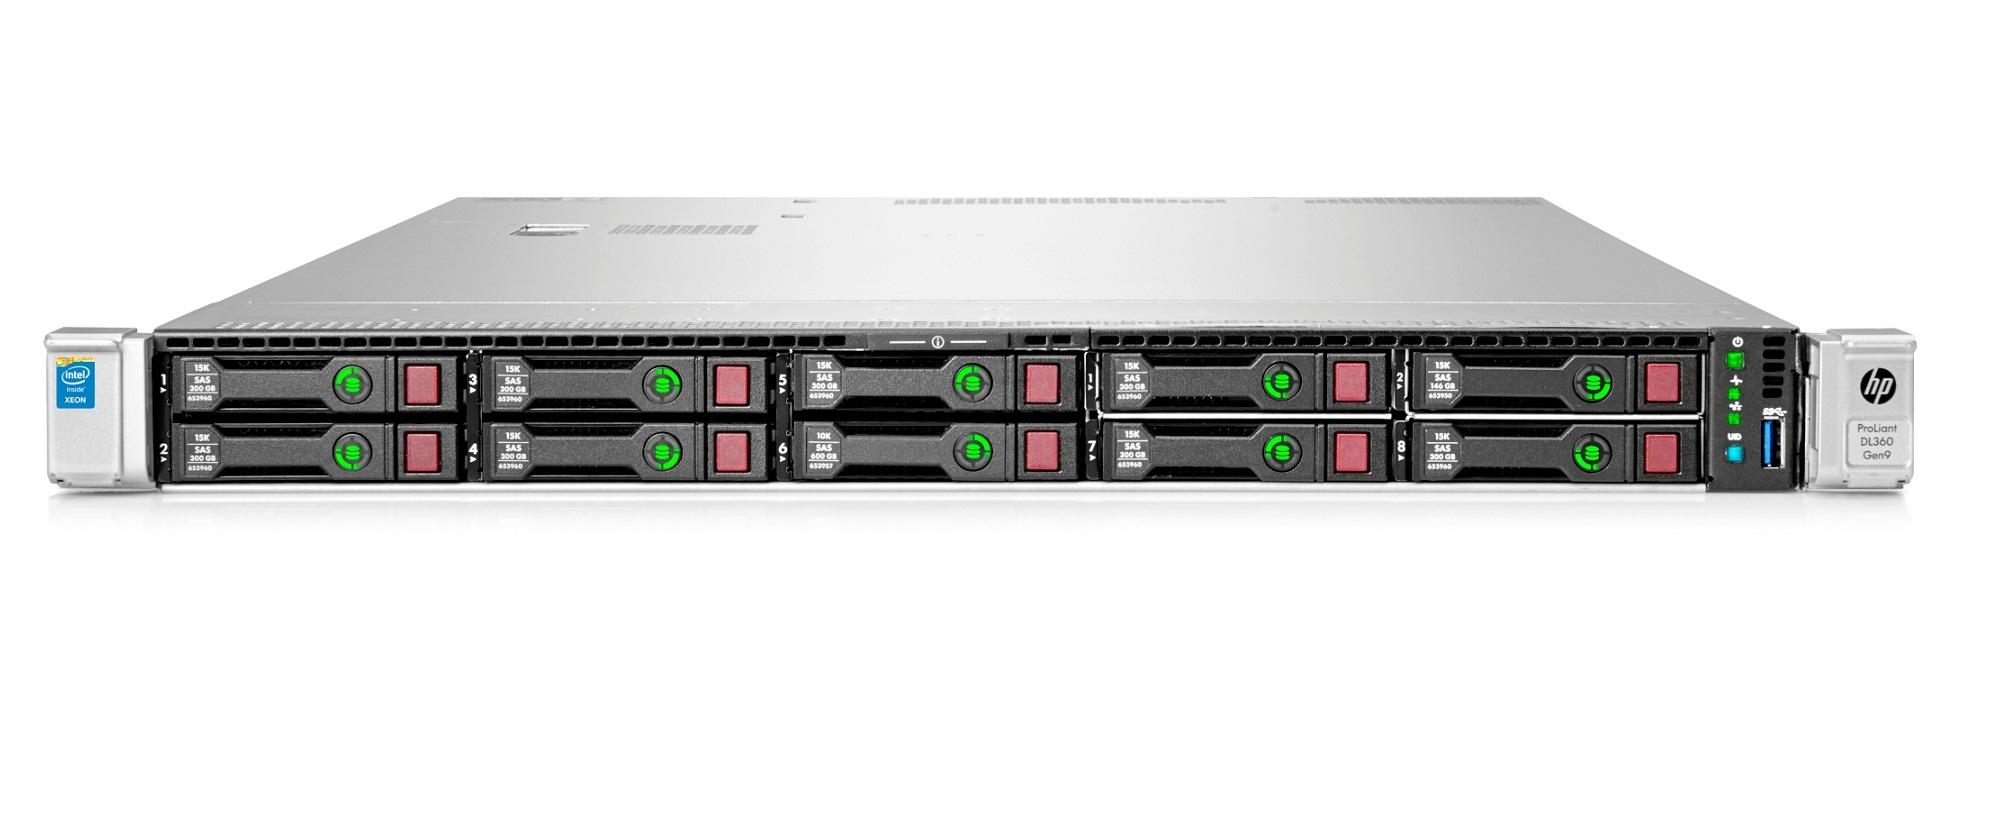 Hp 851937 B21 Proliant Dl360 Gen9 E5 2660v4 64gb Perf Server